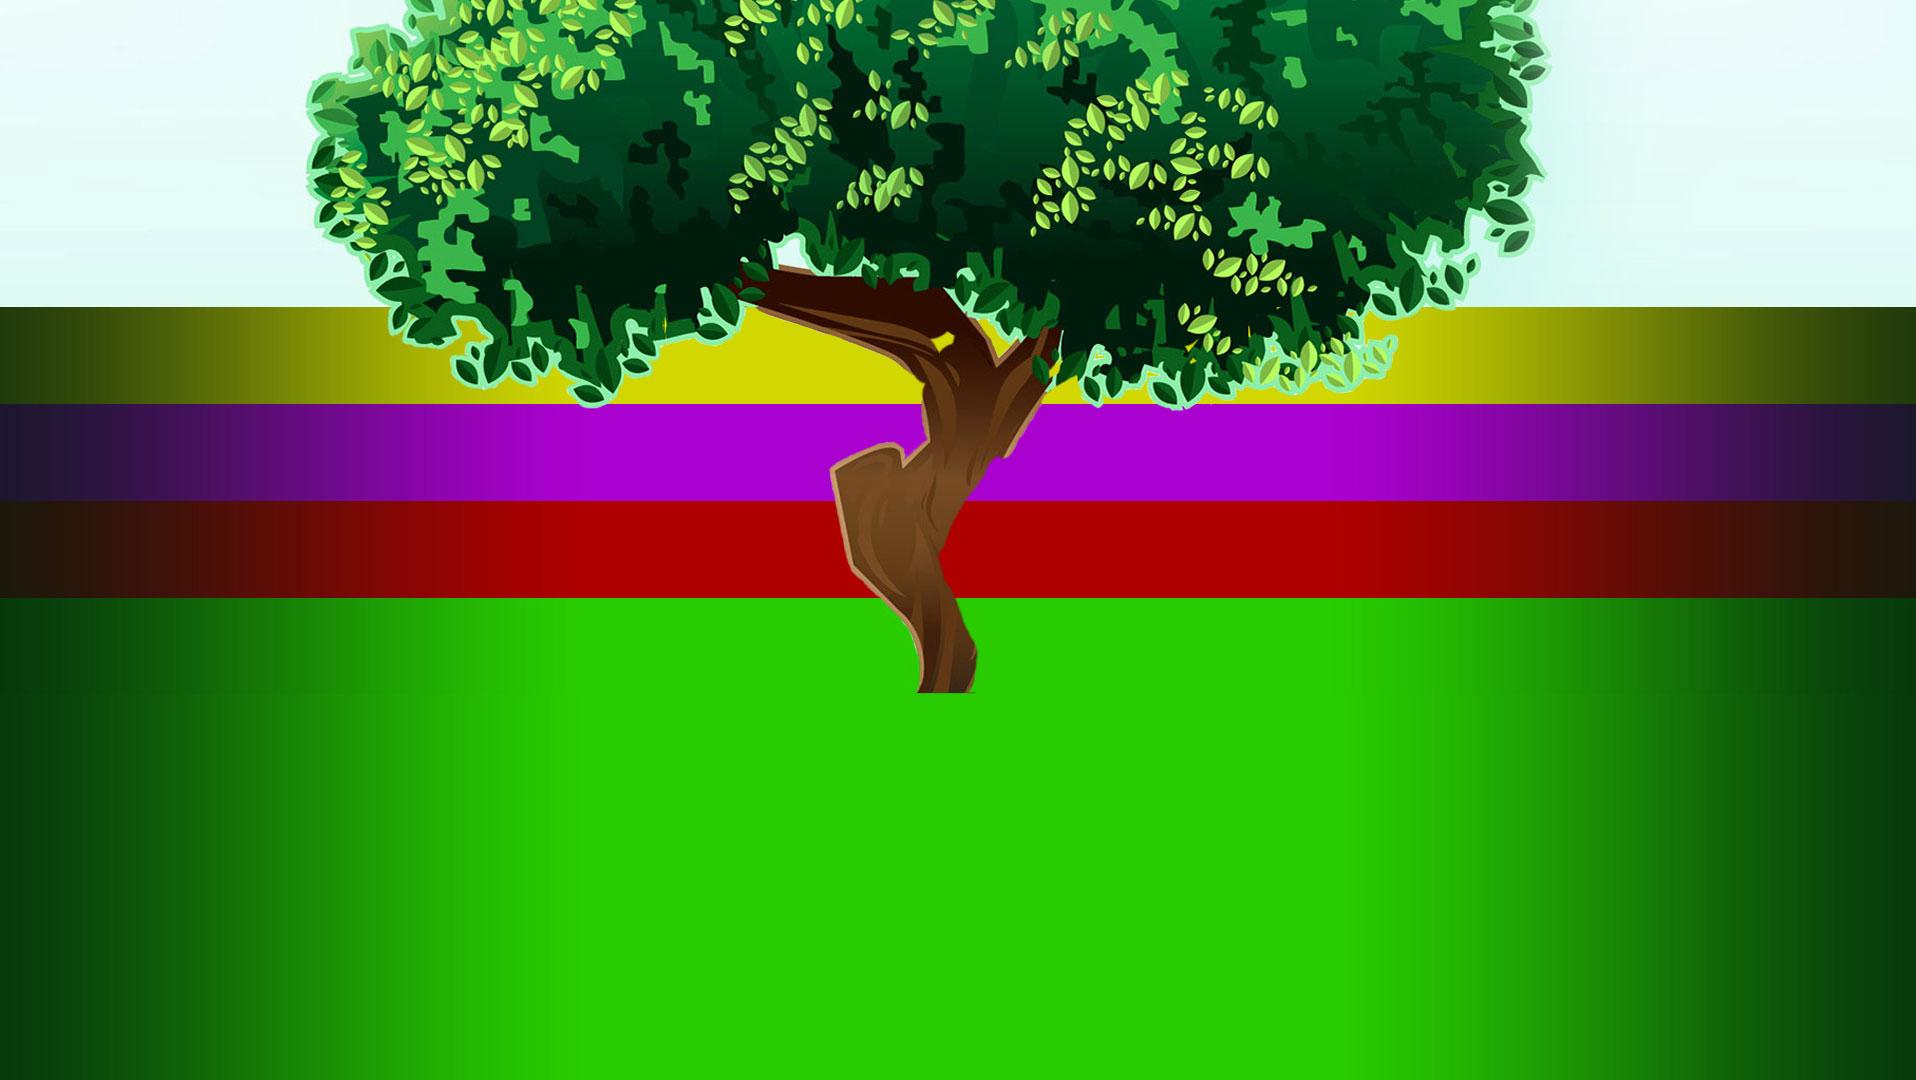 <h2>El increíble árbol de frutas</h2>